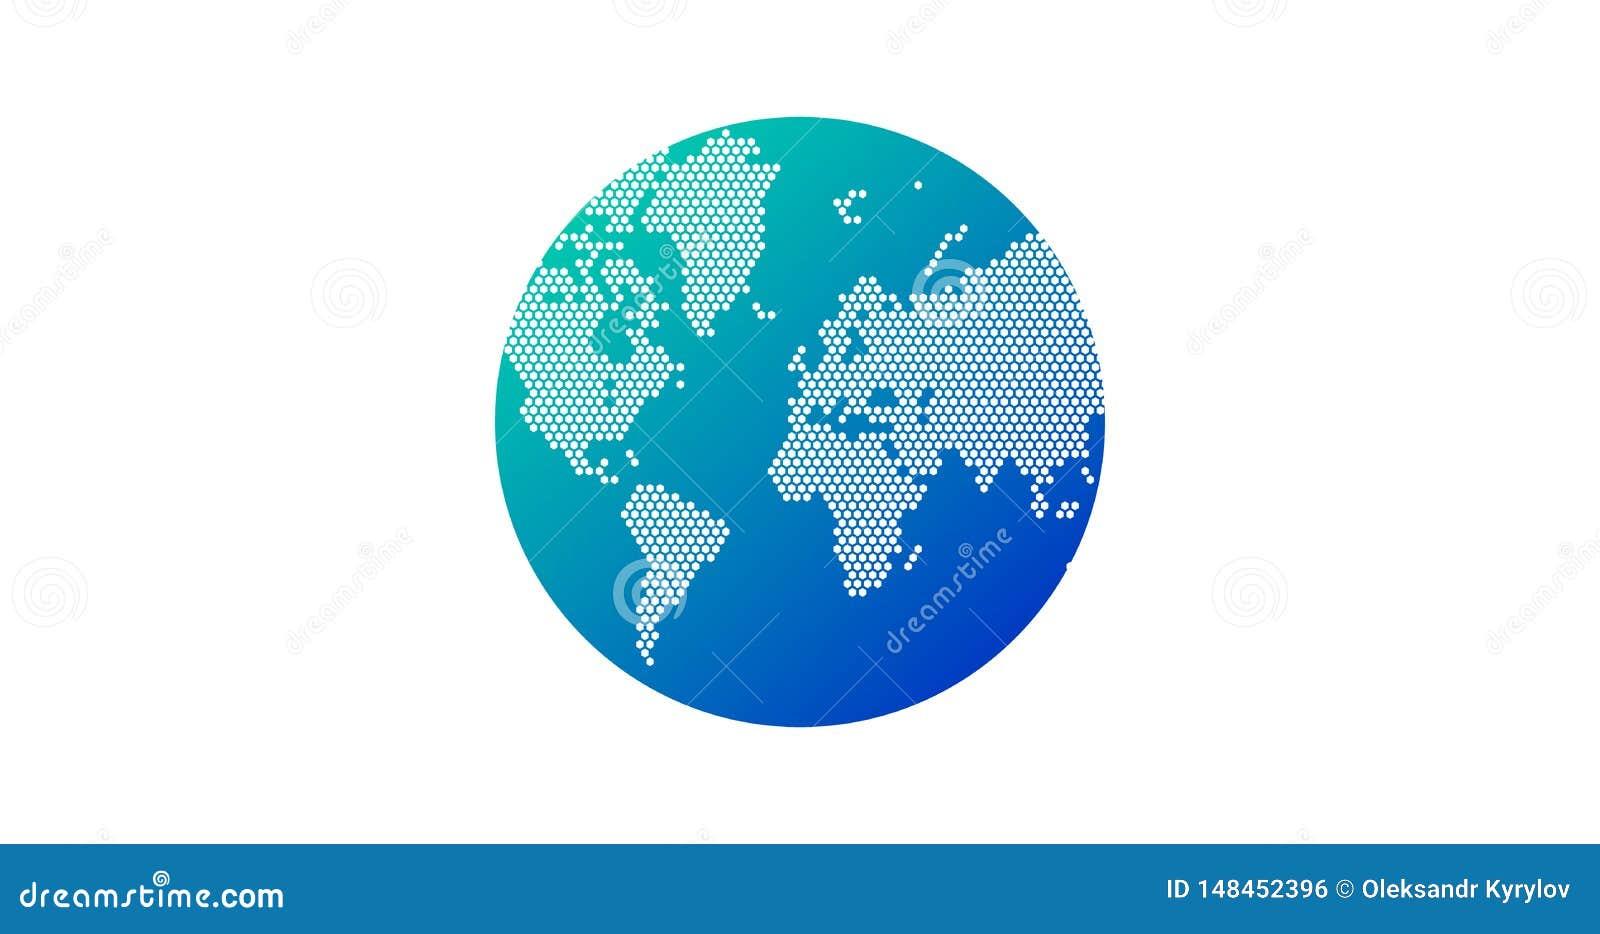 简单的地球形状,从在白色背景的小点创造的世界地图 全球性连接概念